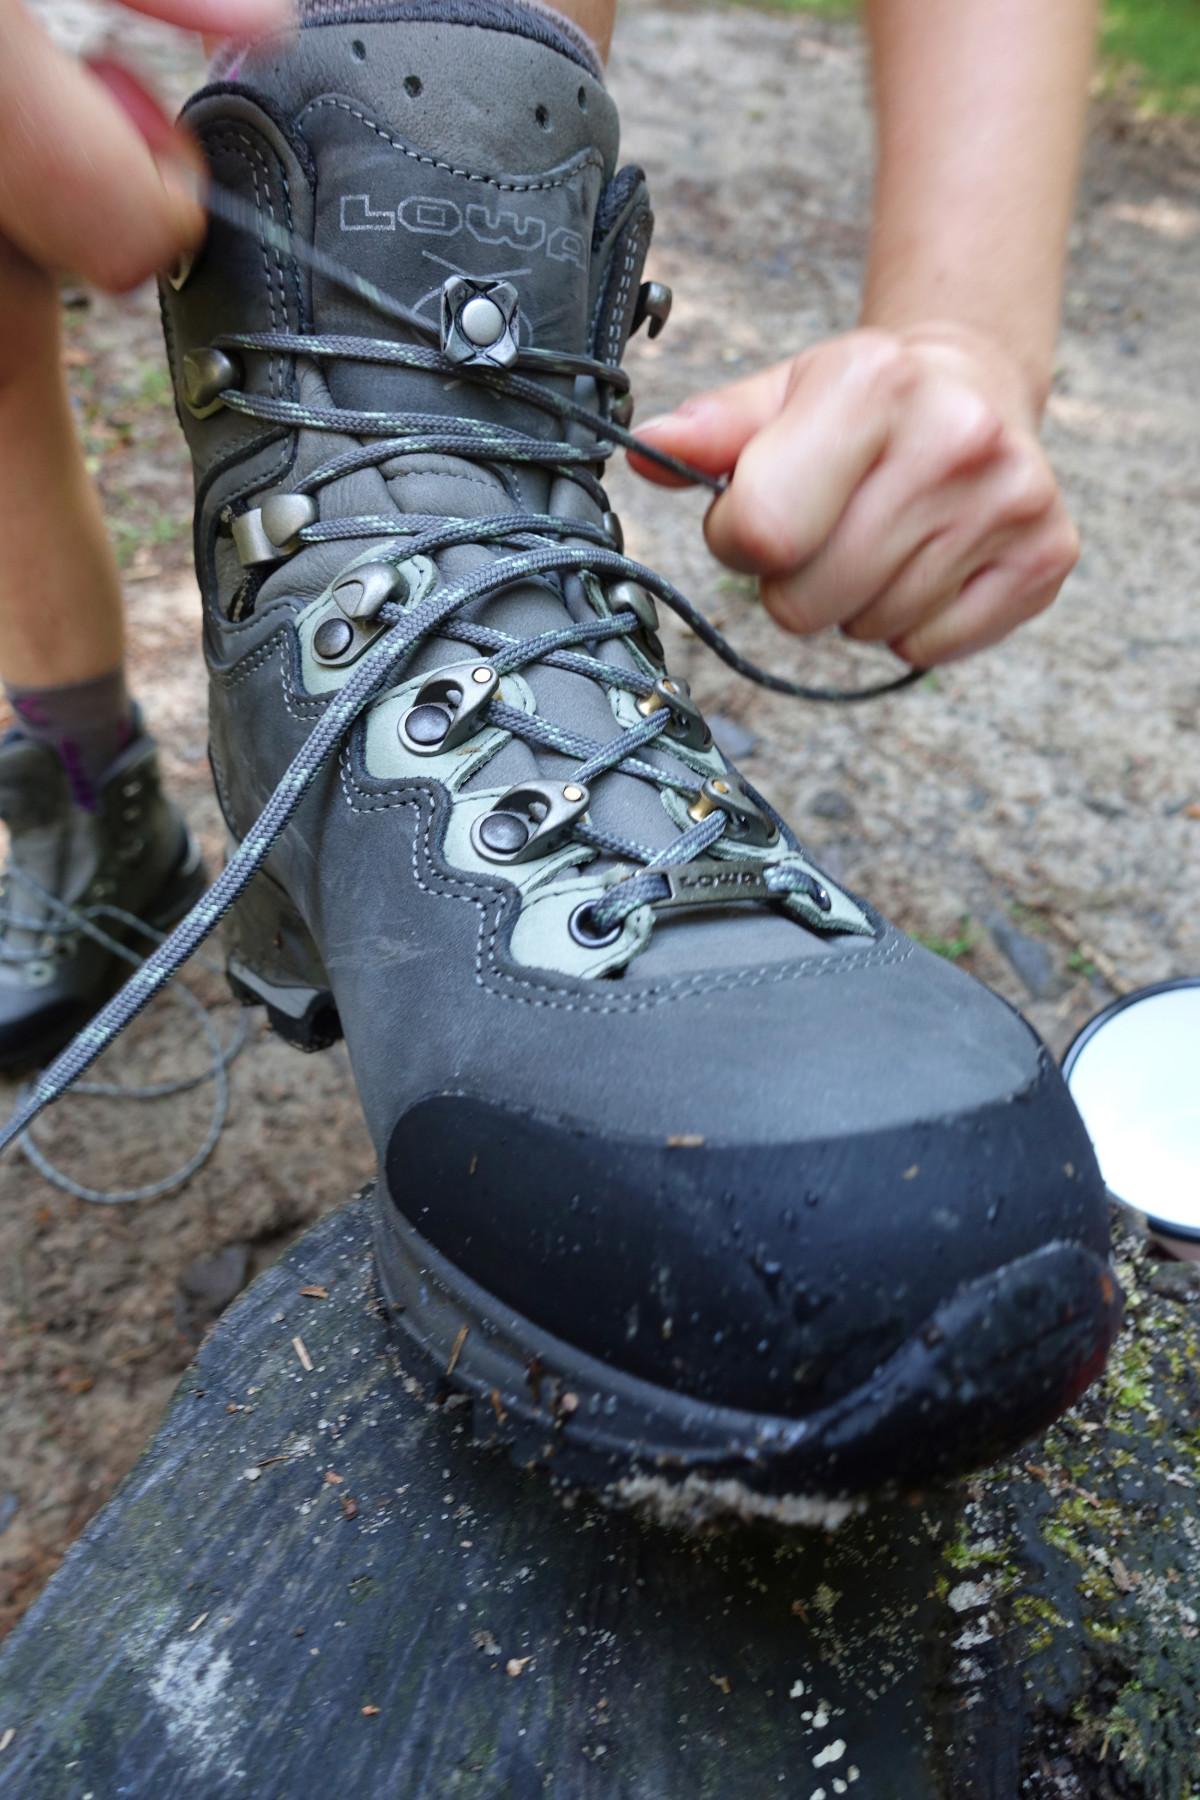 Genau das richtige für Frauenfüße! Der Trekkingstiefel MAURIA LL Ws ist speziell für die weibliche Fußanatomie entwickelt worden. Ob lange Trekkingtouren oder mehrtägige Hüttenwanderungen – mit diesem Begleiter von LOWA können Abenteuerinnen ihr Outdoor-Erlebnis noch besser genießen. Außen robustes Nubuk, innen geschmeidiges Leder für eine rundherum gute Passform. Zusätzlich unterstützt die innovative Schaftkonstruktion die Beugung des Fußes.